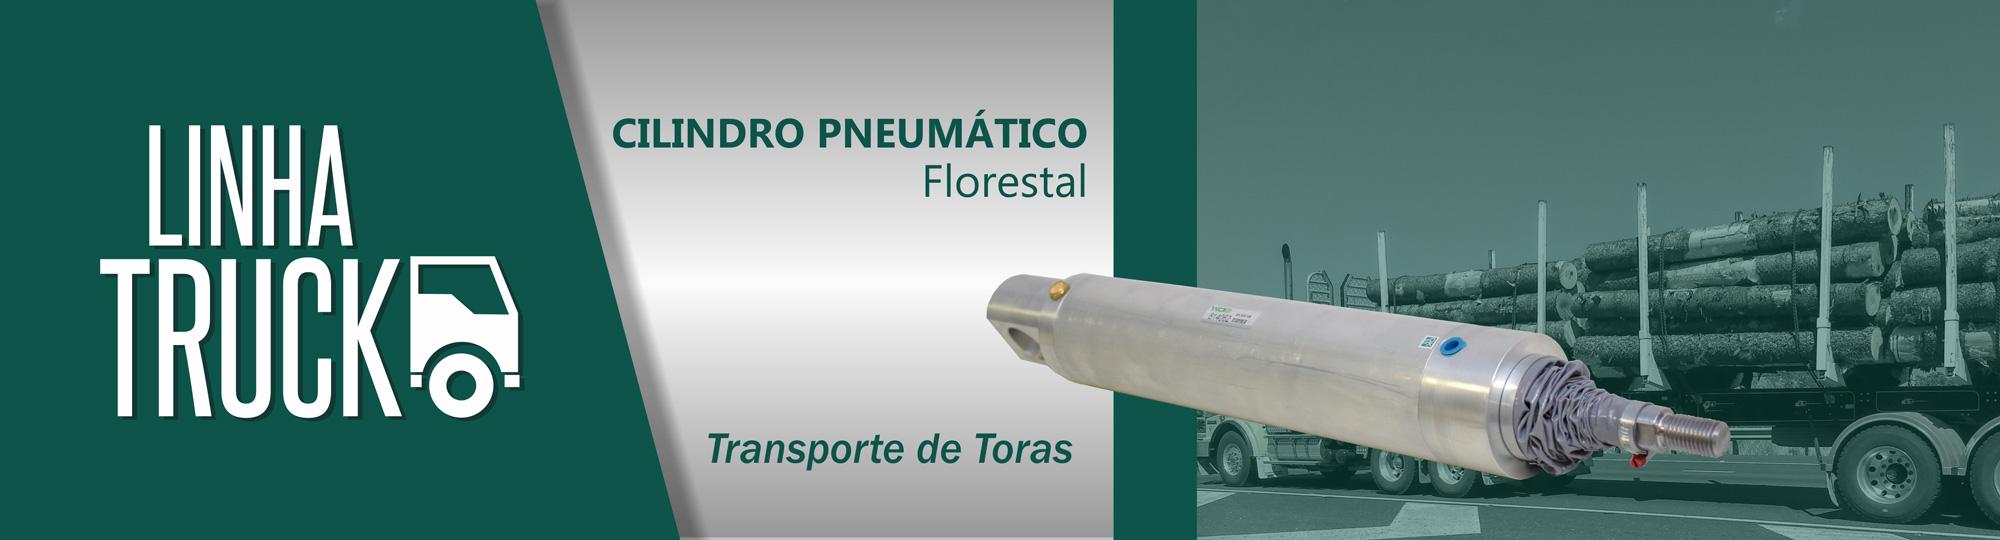 Cilindro-Pneumático-Florestal